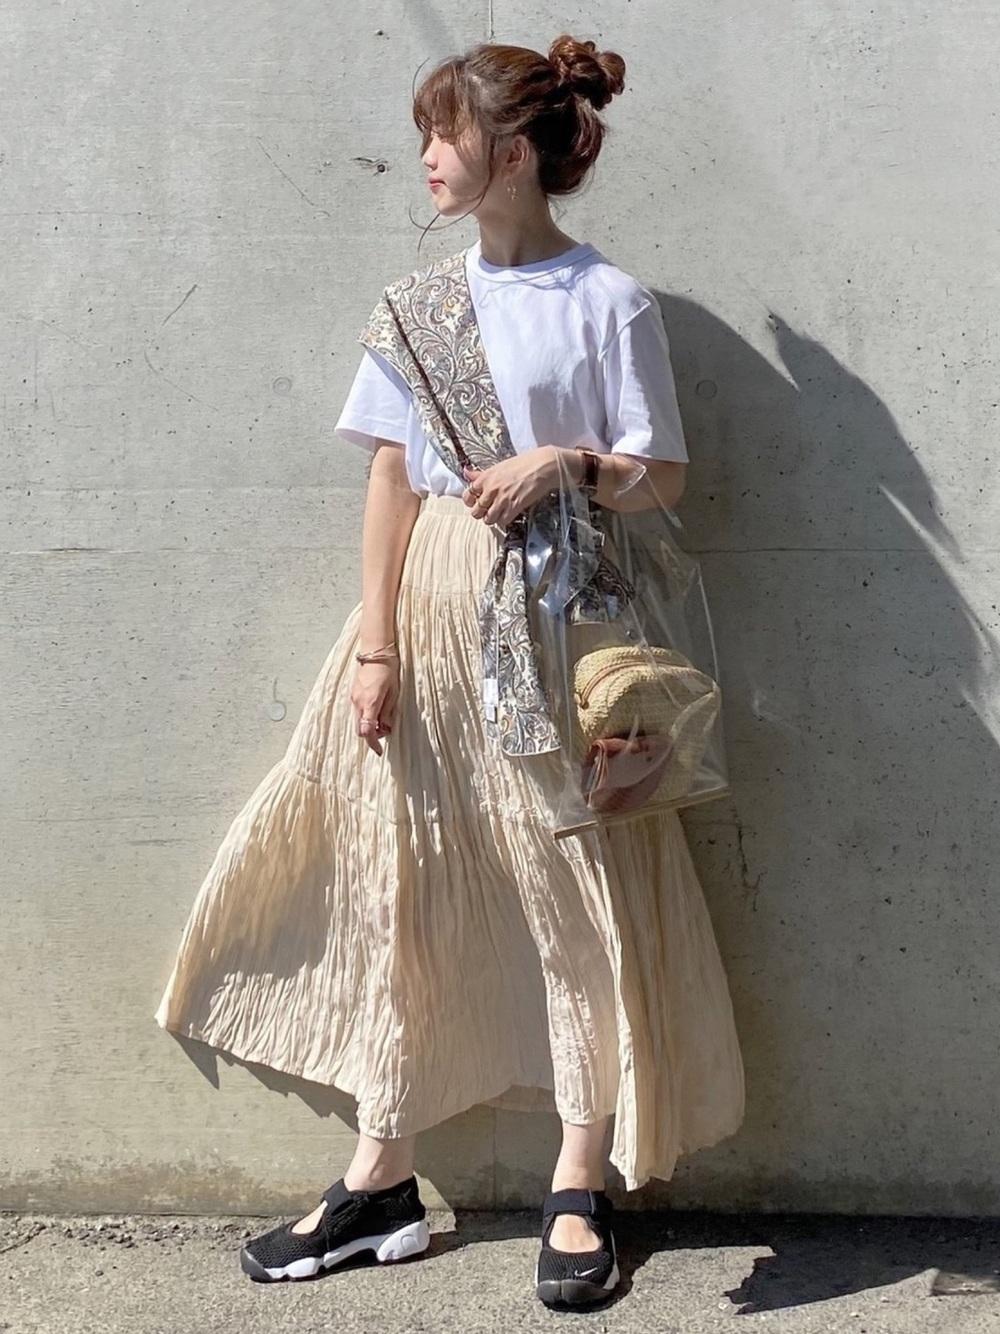 ユニクロのプリーツロングスカートと白Tシャツにスカーフを斜め巻きしているコーデ